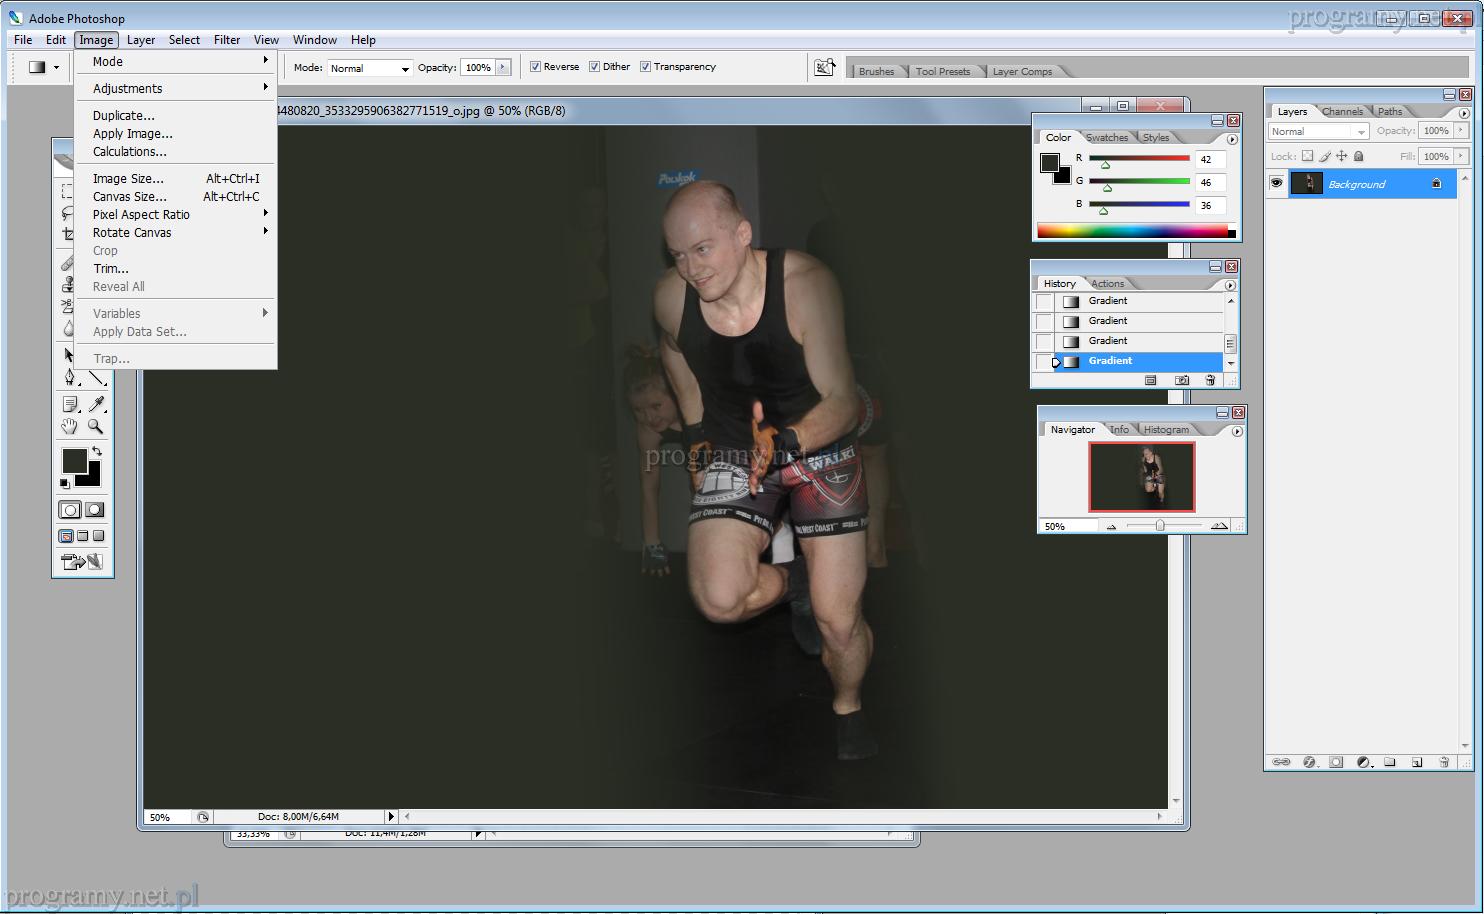 photoshop cs2 keygen generator download